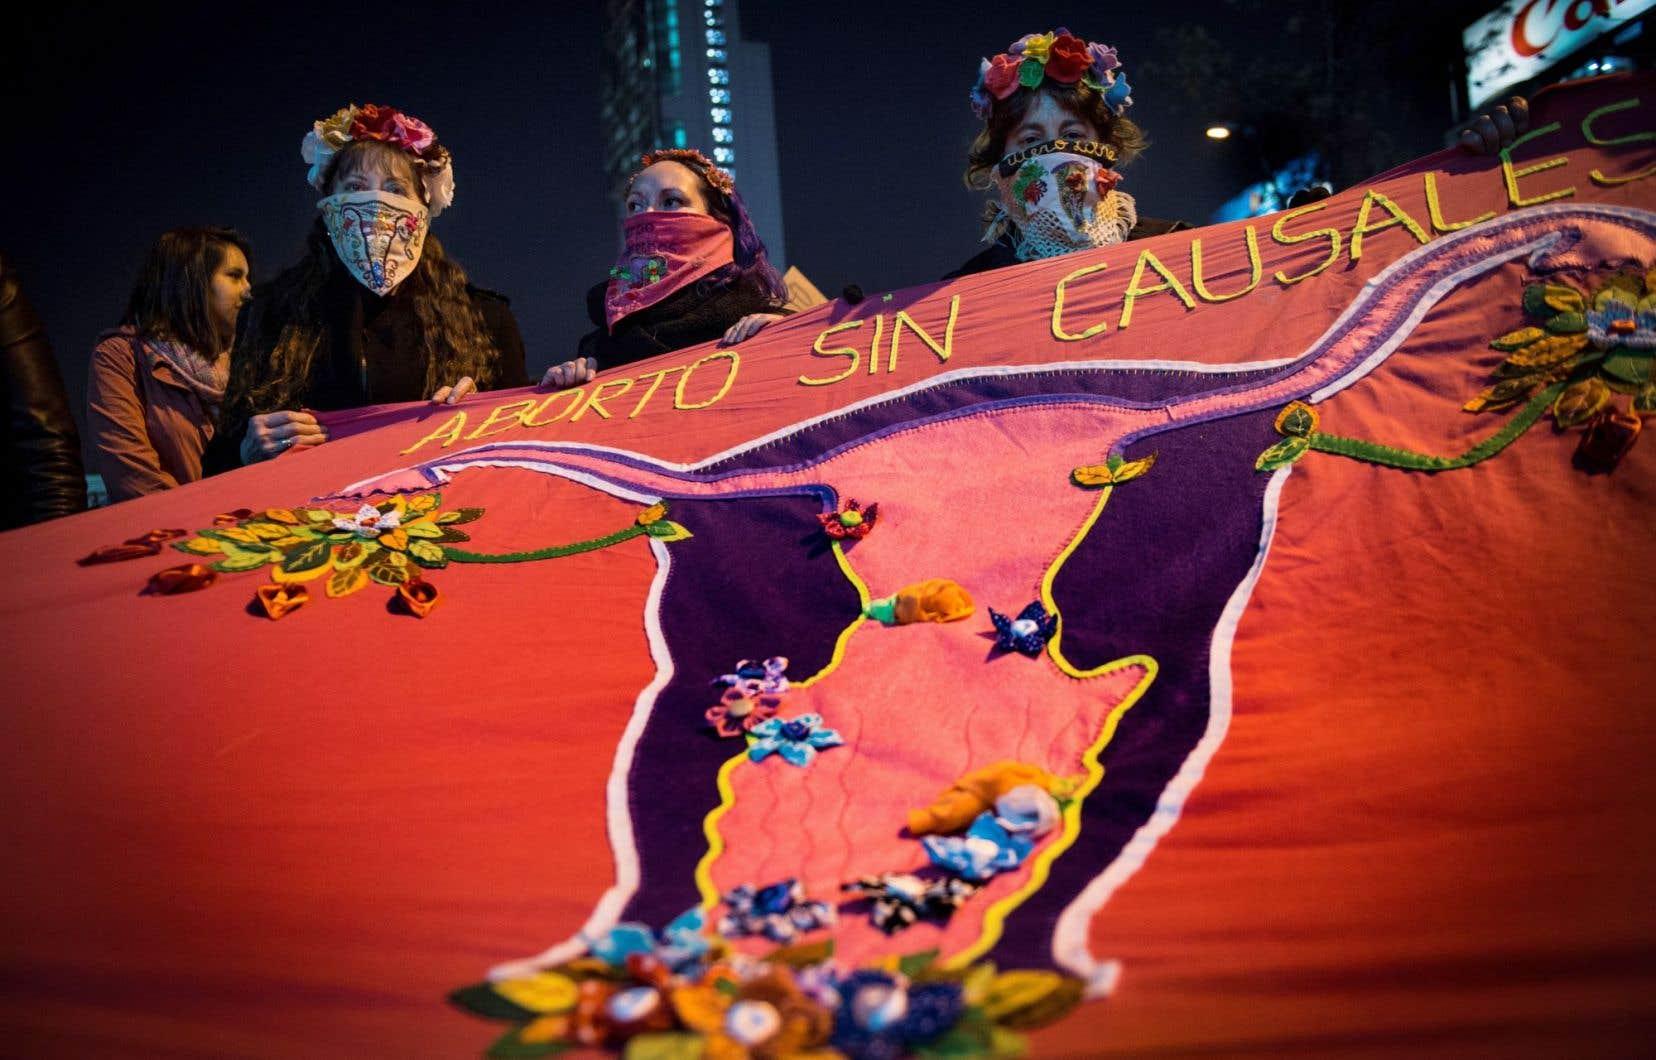 <p>Une manifestation pro-avortement à Santiago, au Chili, en juillet dernier. Le pays a dépénalisé l'avortement thérapeutique deux mois plus tard, le 14 septembre.</p>